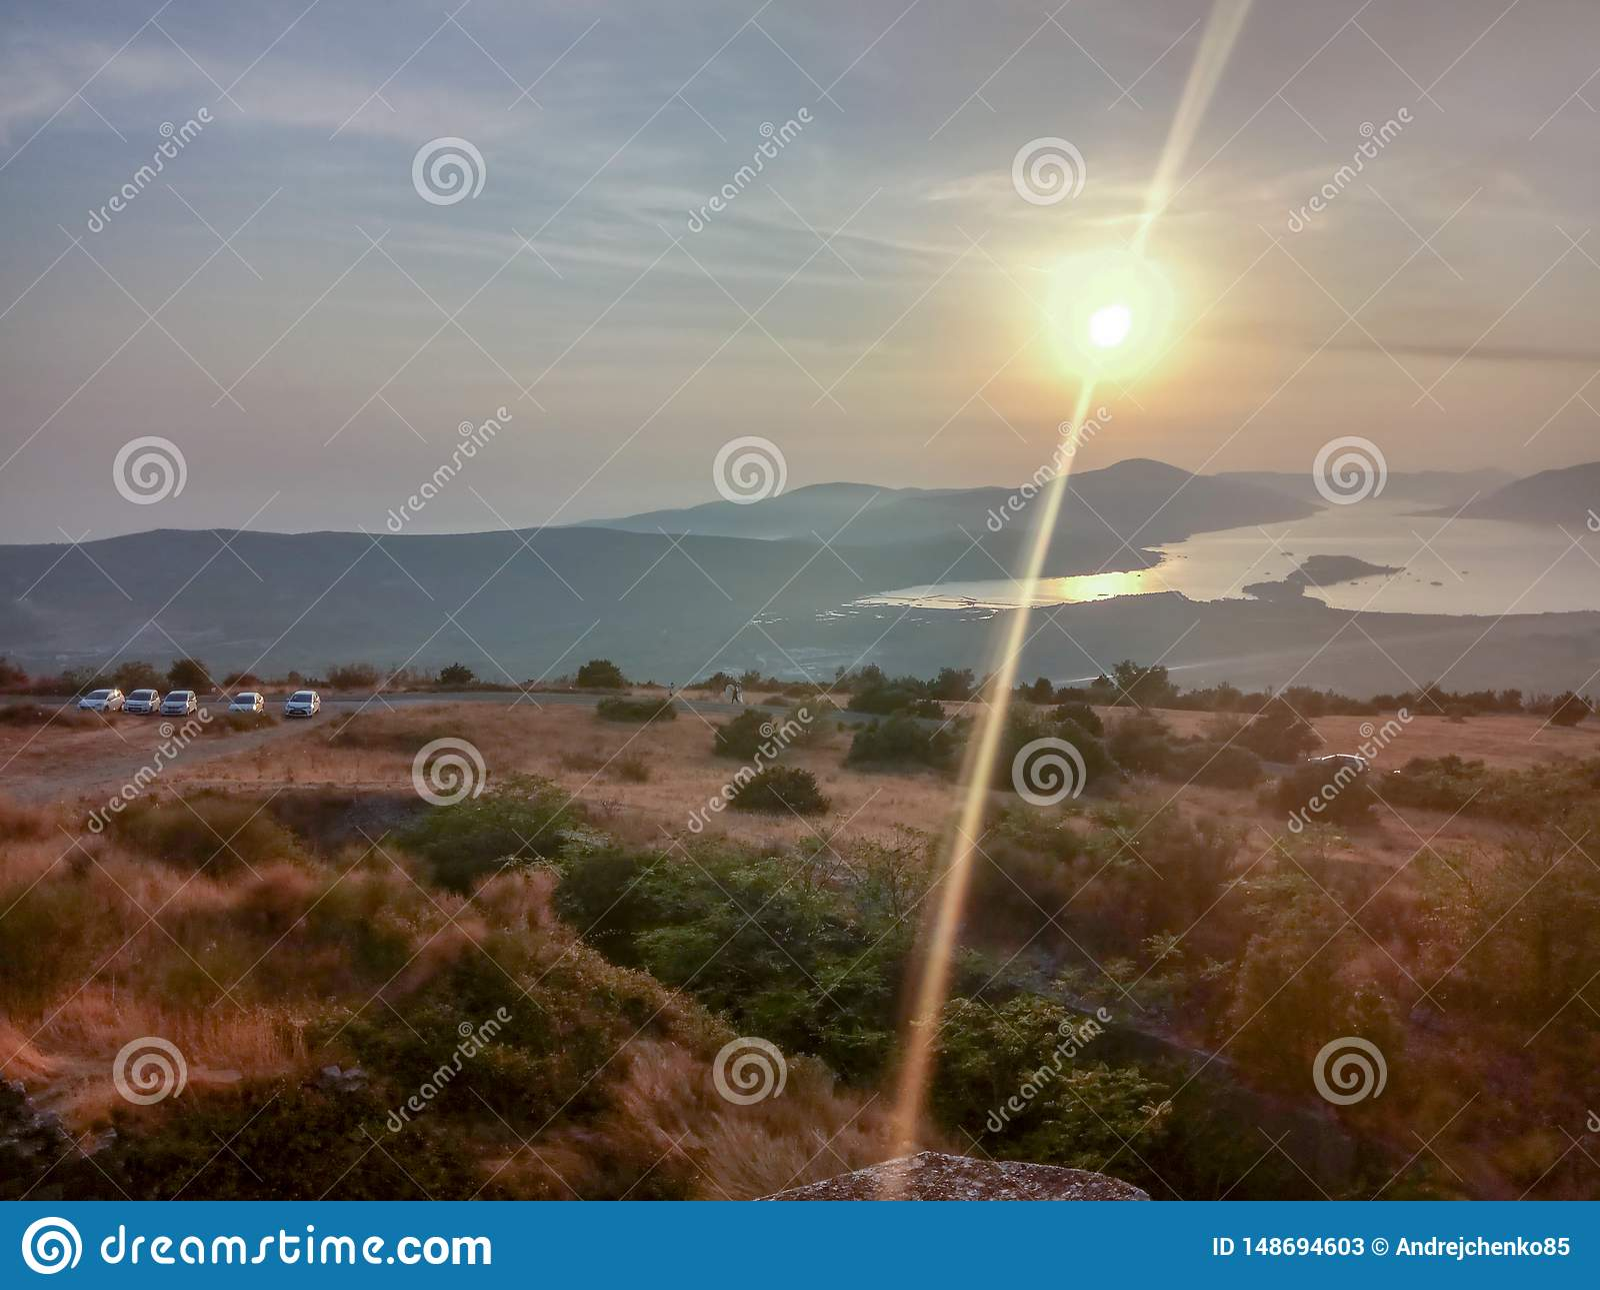 Σκηνή ηλιοβασιλέματος φθινοπώρου ενός βουνού και μιας θάλασσας Μαυροβούνιο